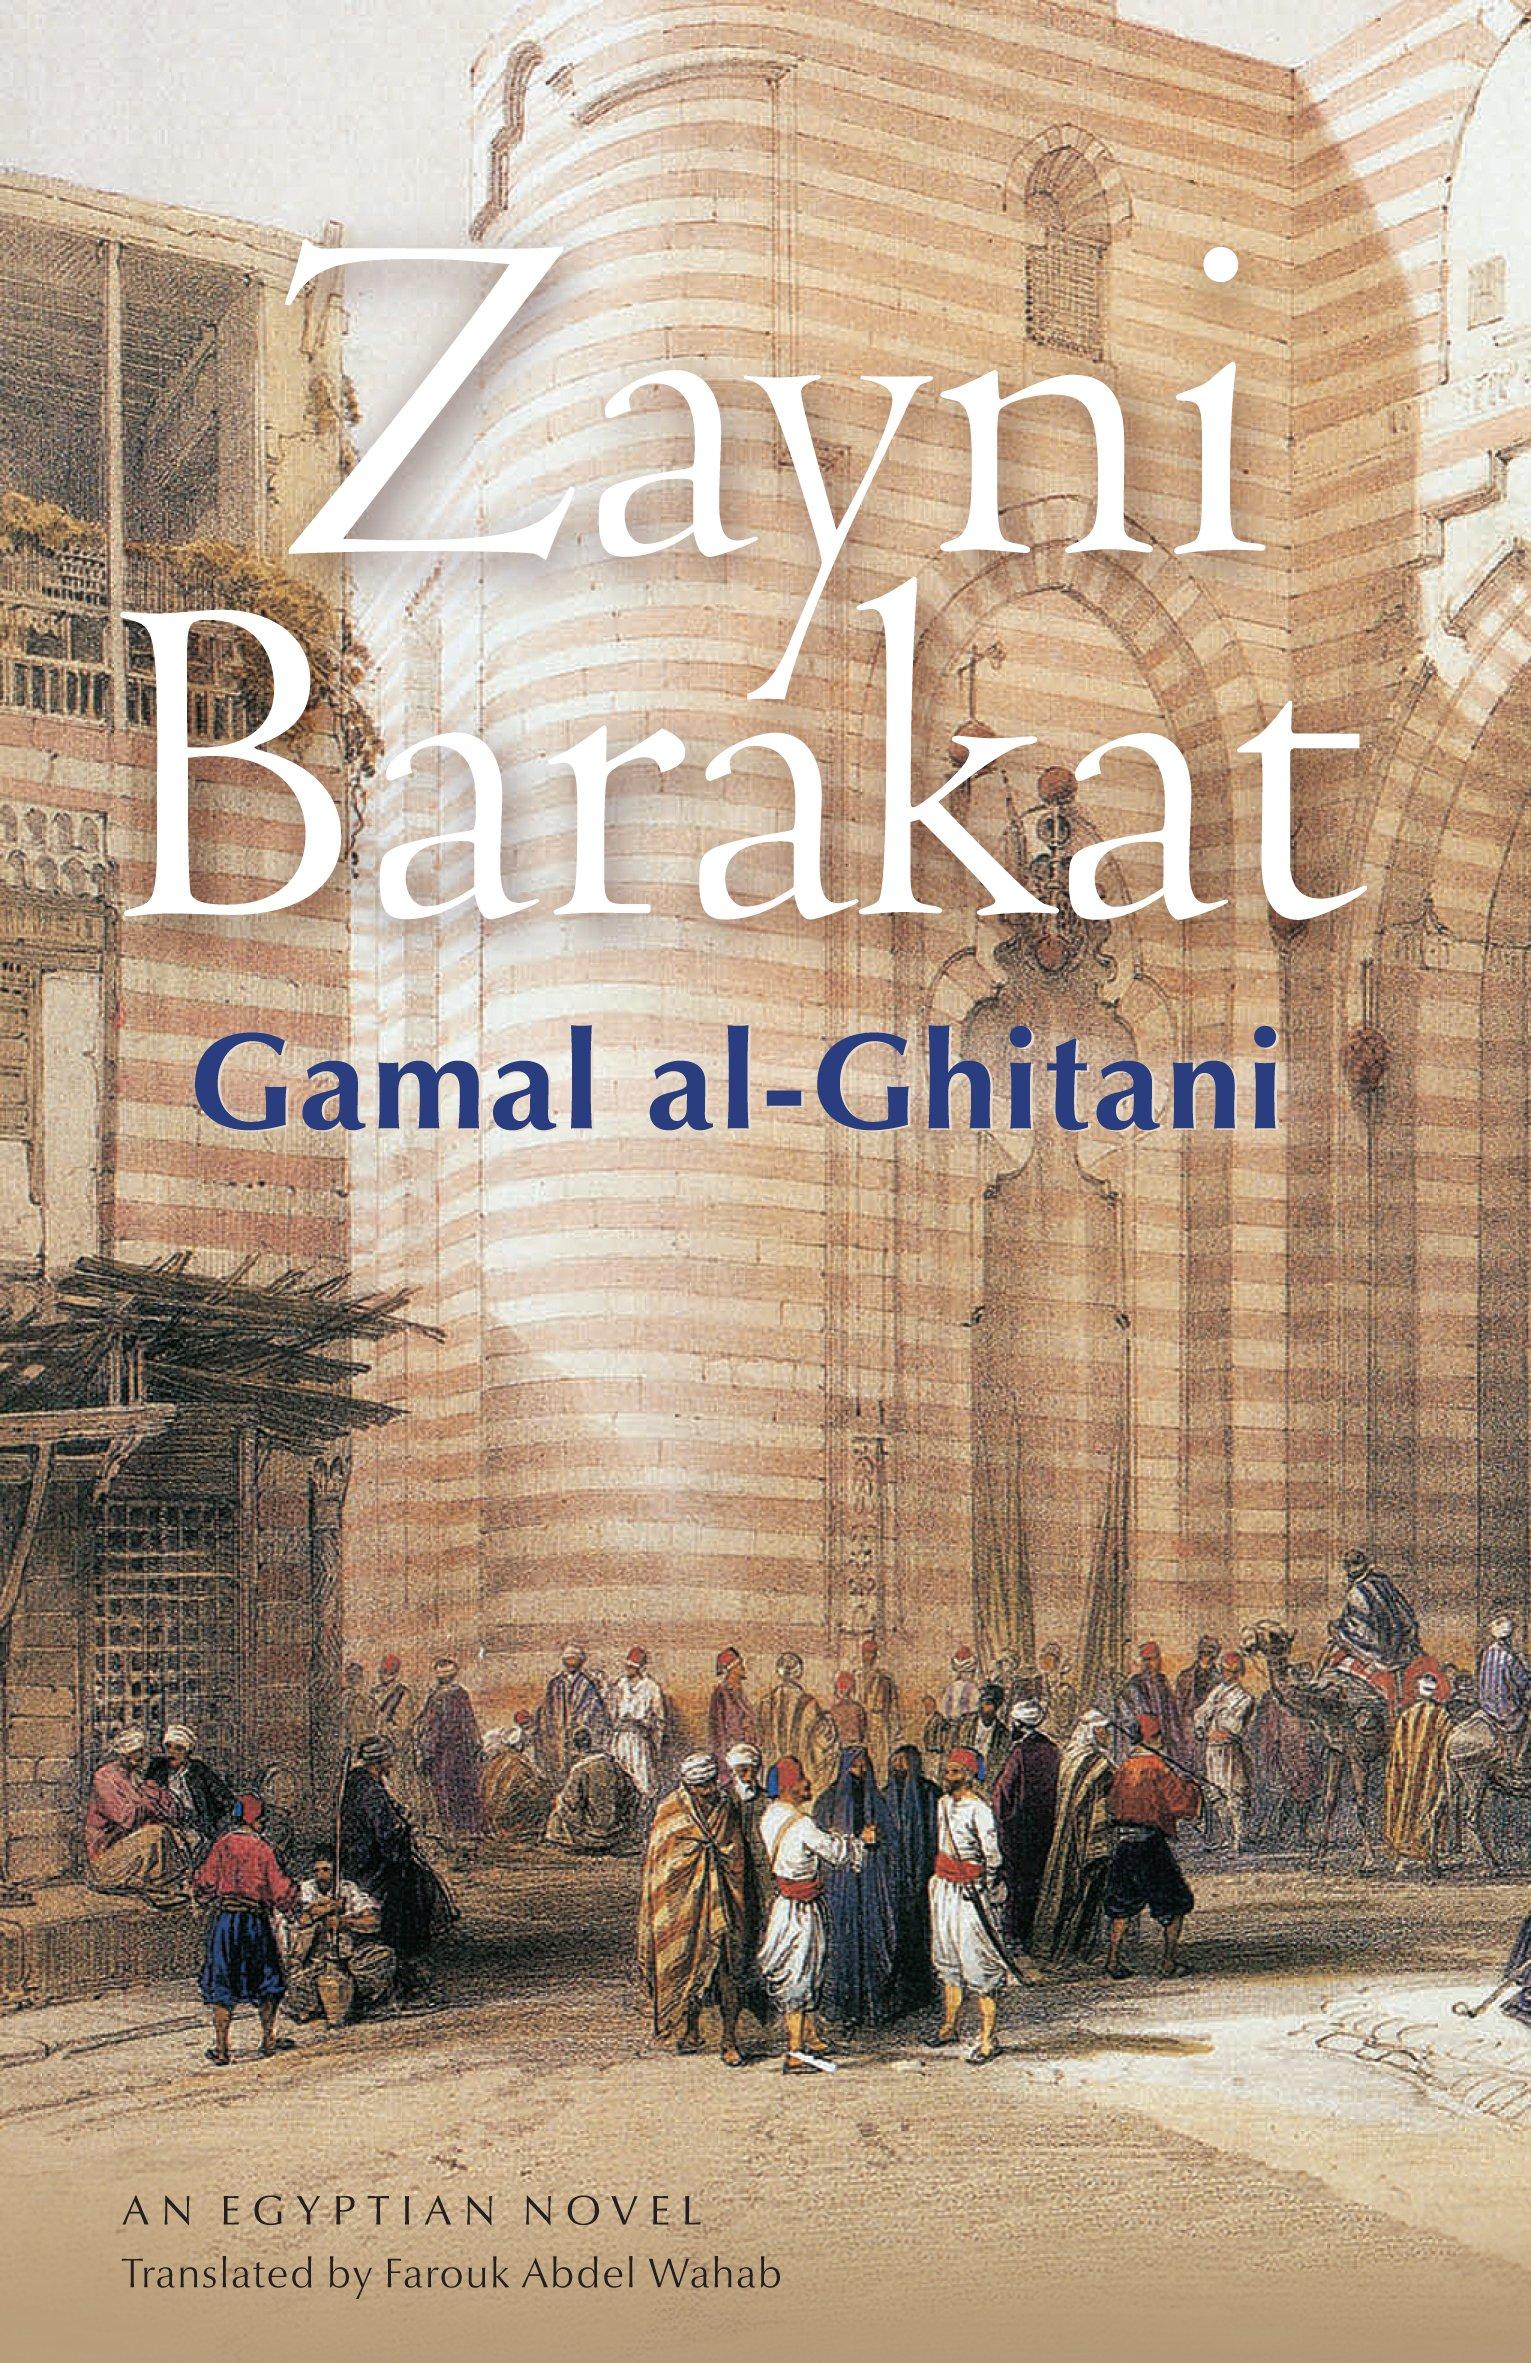 Image result for Gamal al-Ghitani, Zayni Barakat,